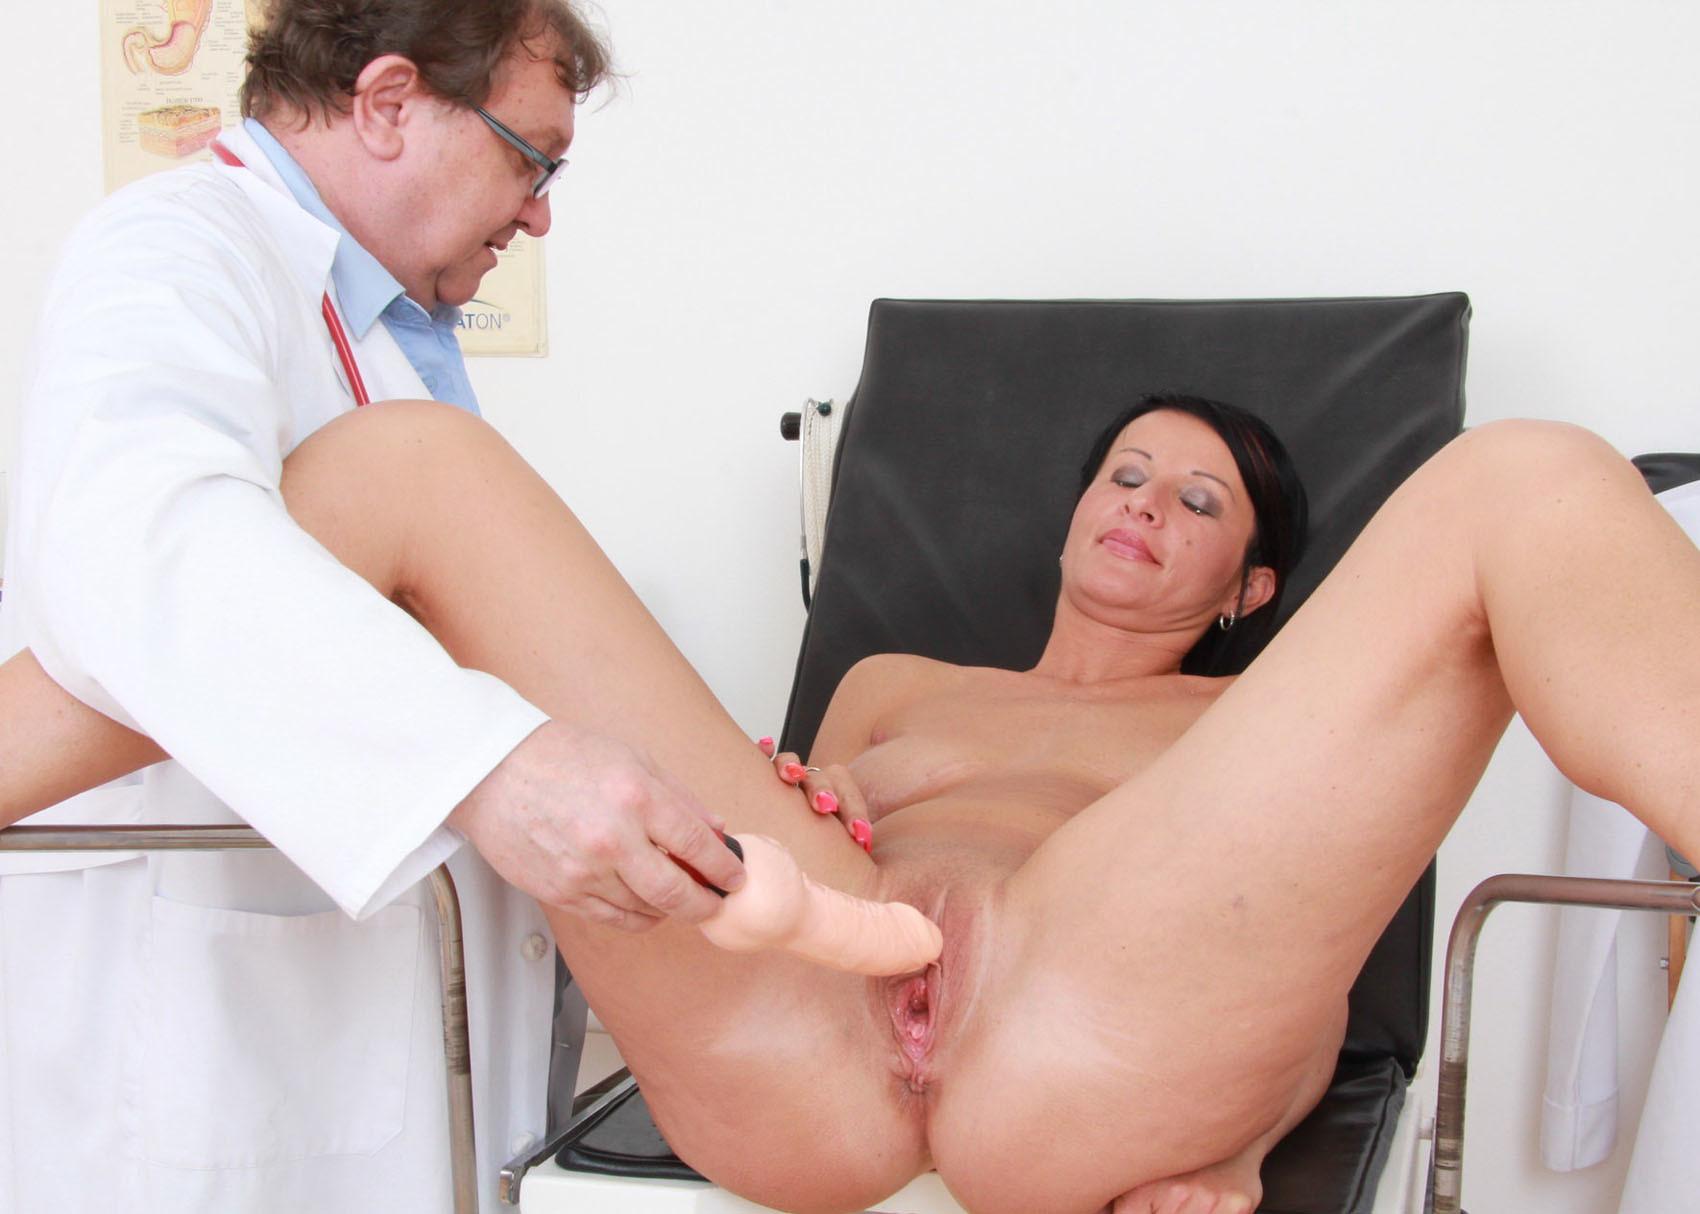 ginekolog-soblaznil